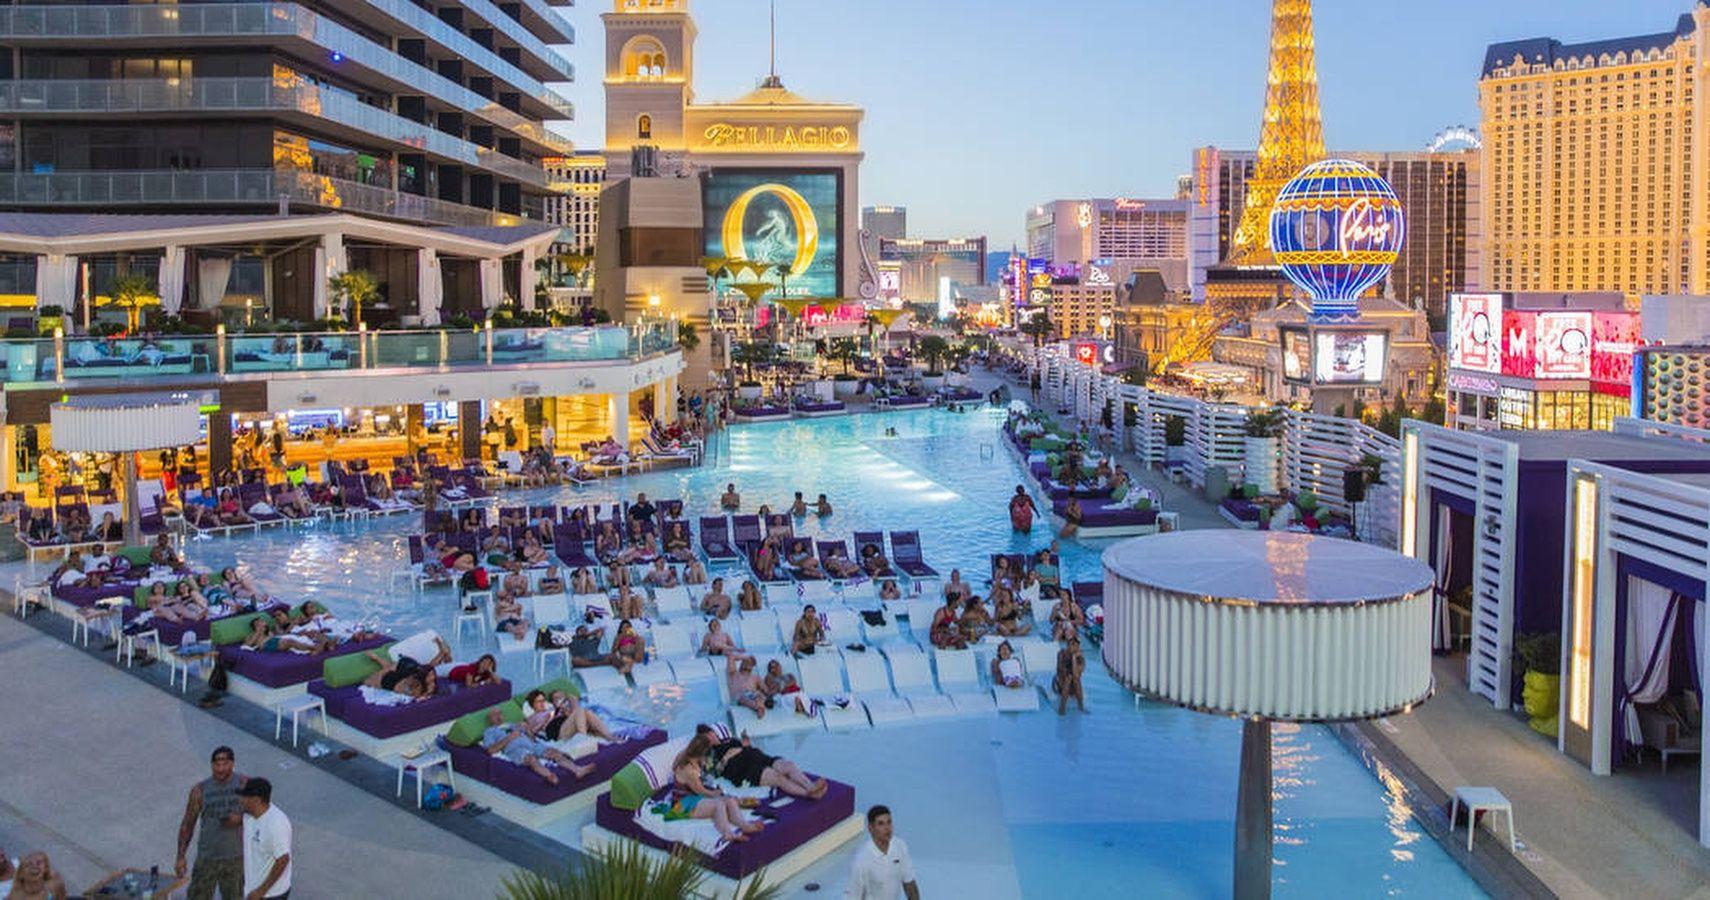 Miami dice casino free spins